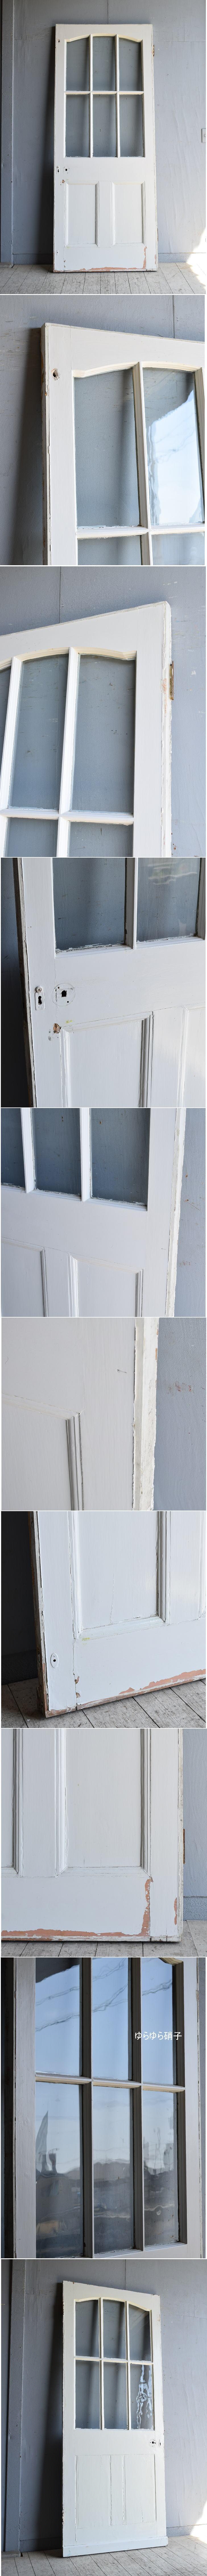 イギリス アンティーク ドア 扉 建具 8453